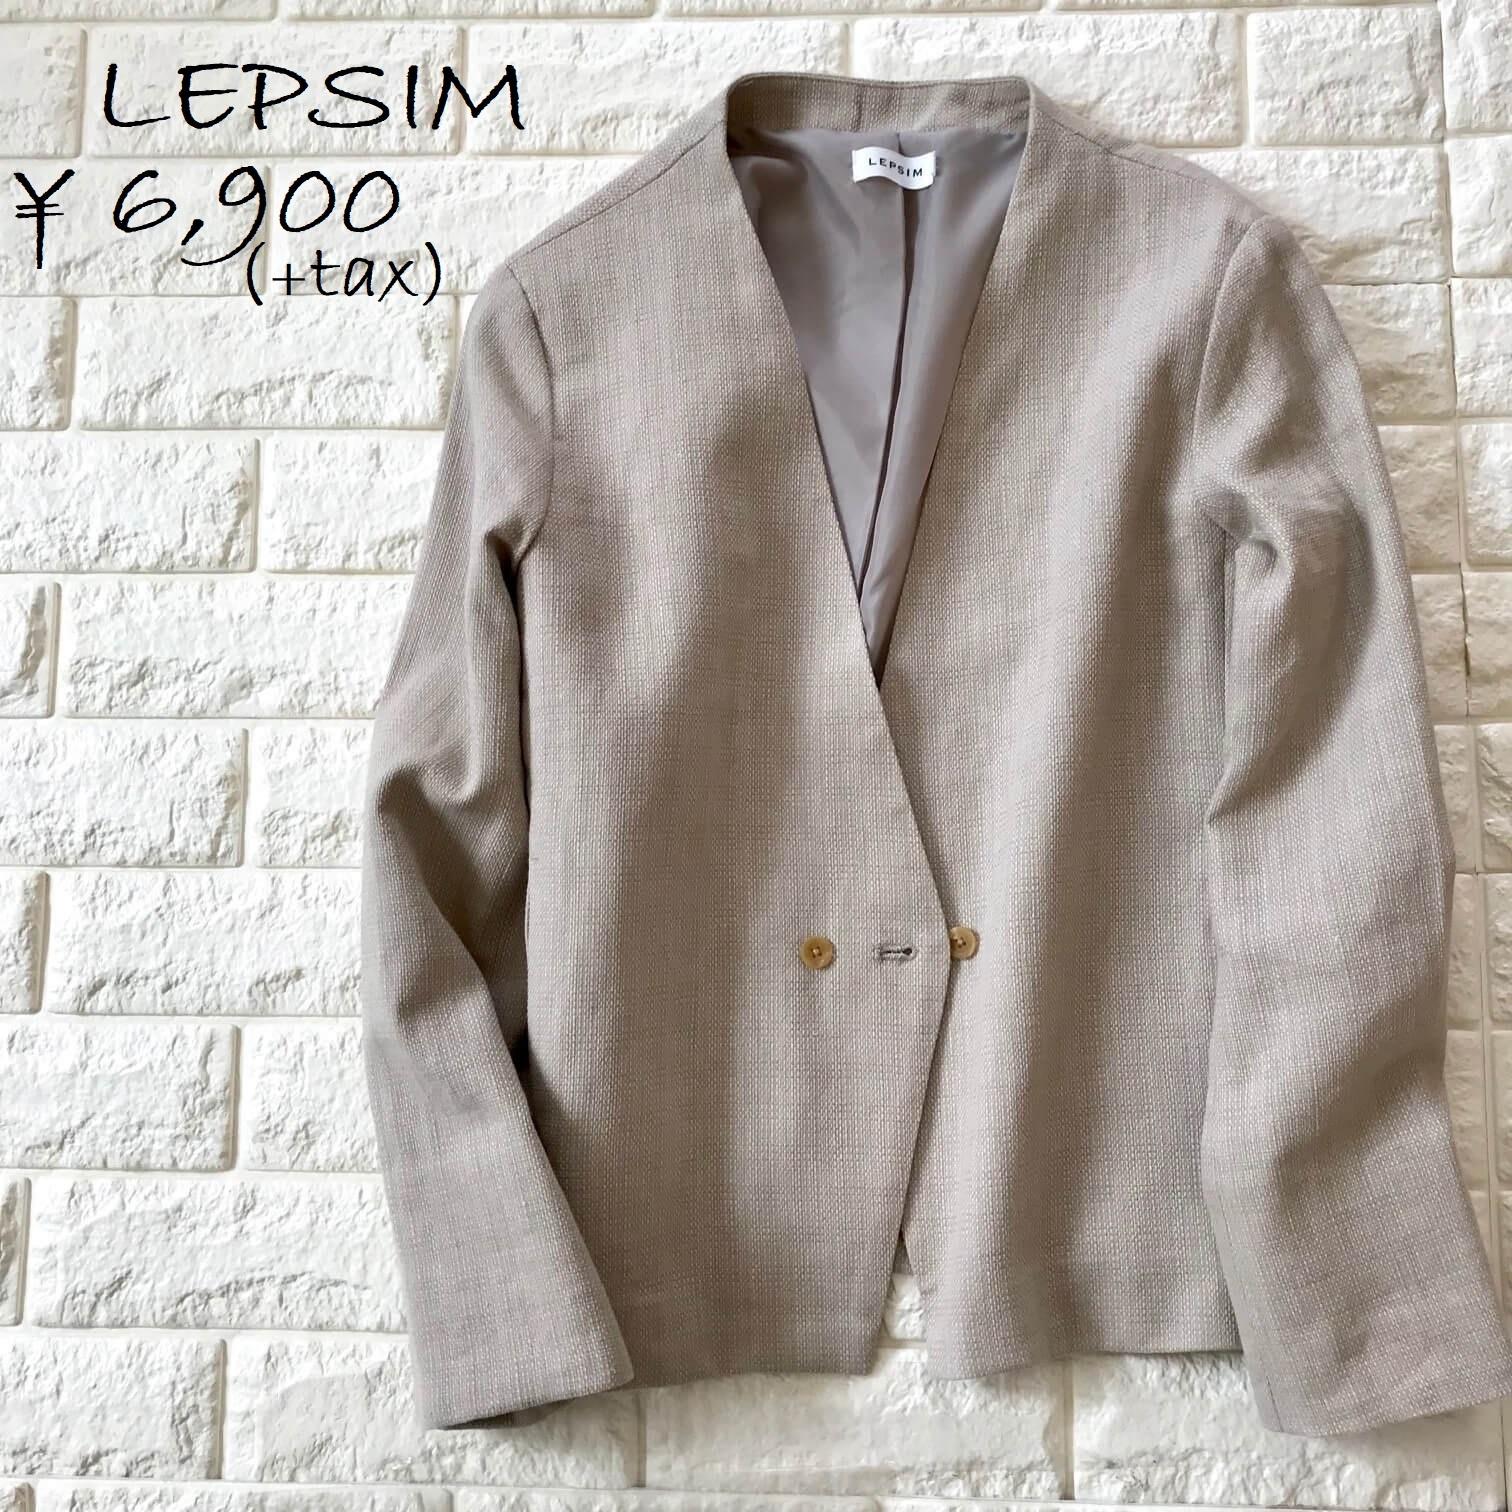 レプシィムのジャケット画像